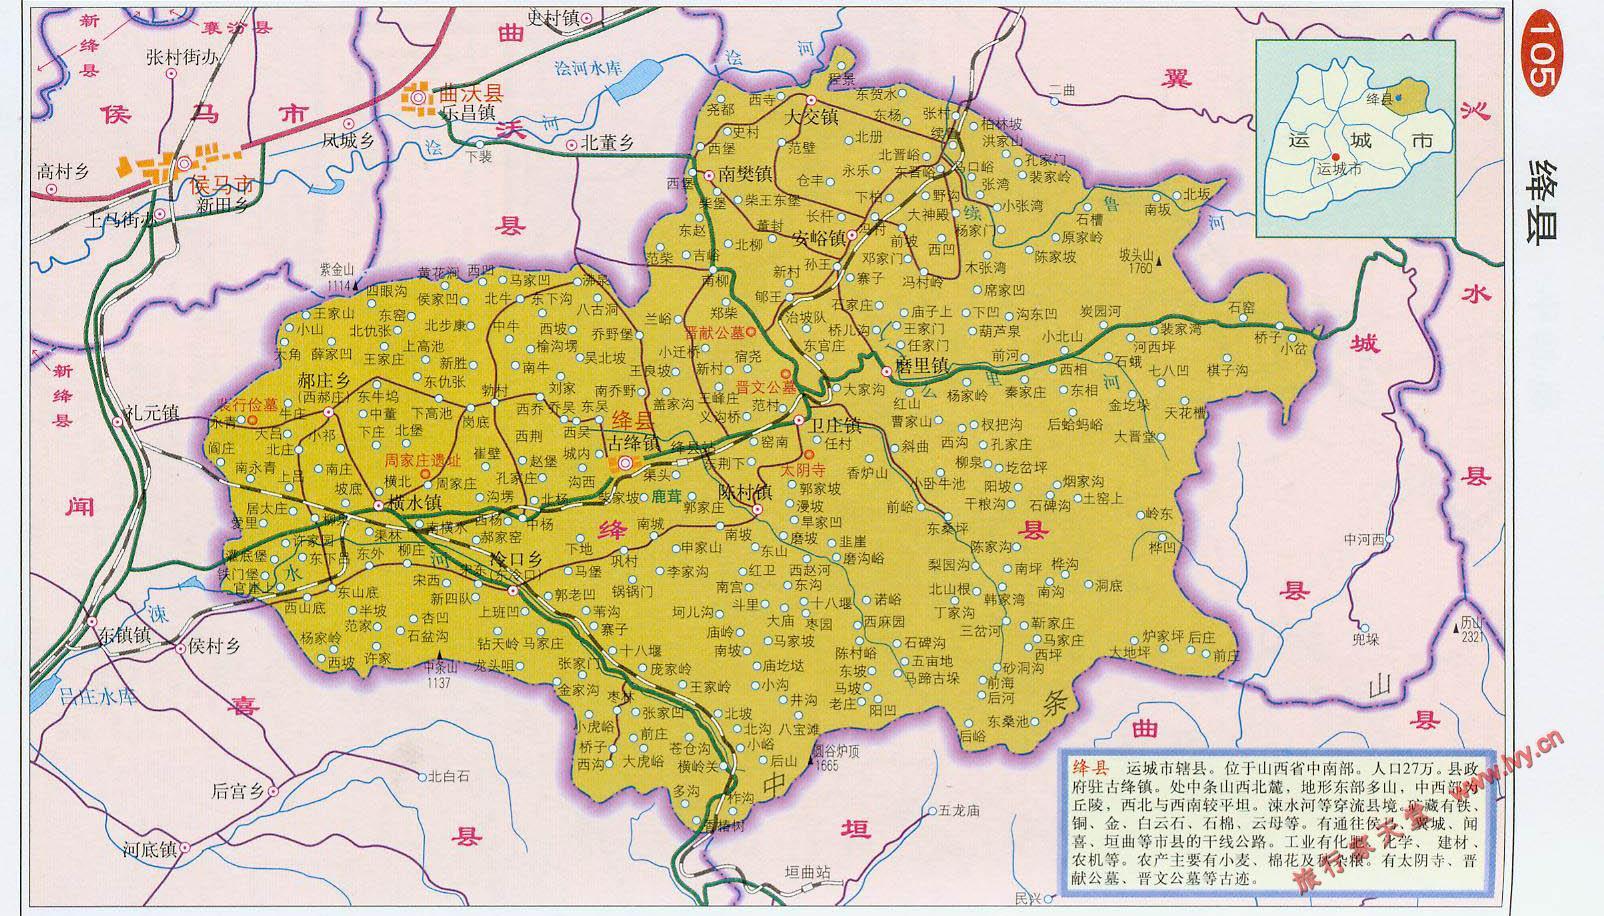 山西运城地图【相关词_ 山西运城旅游地图】